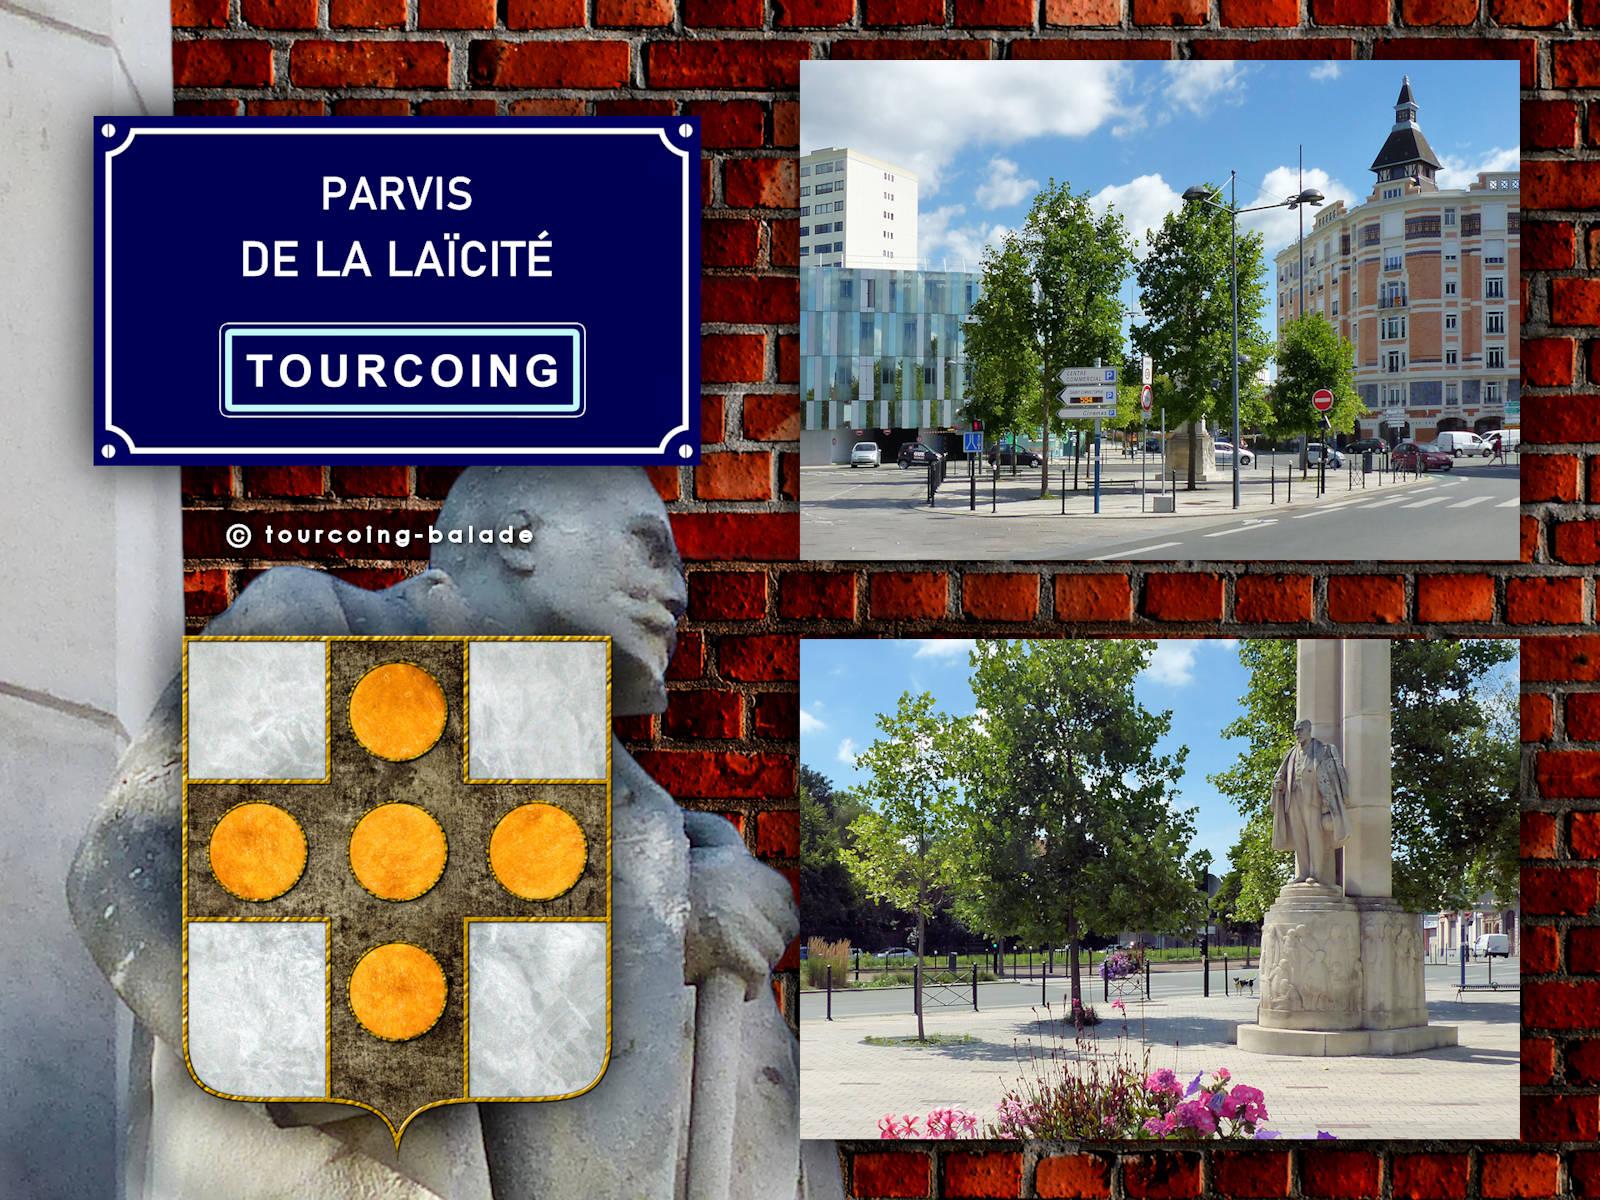 Parvis de la Laïcité, Tourcoing.